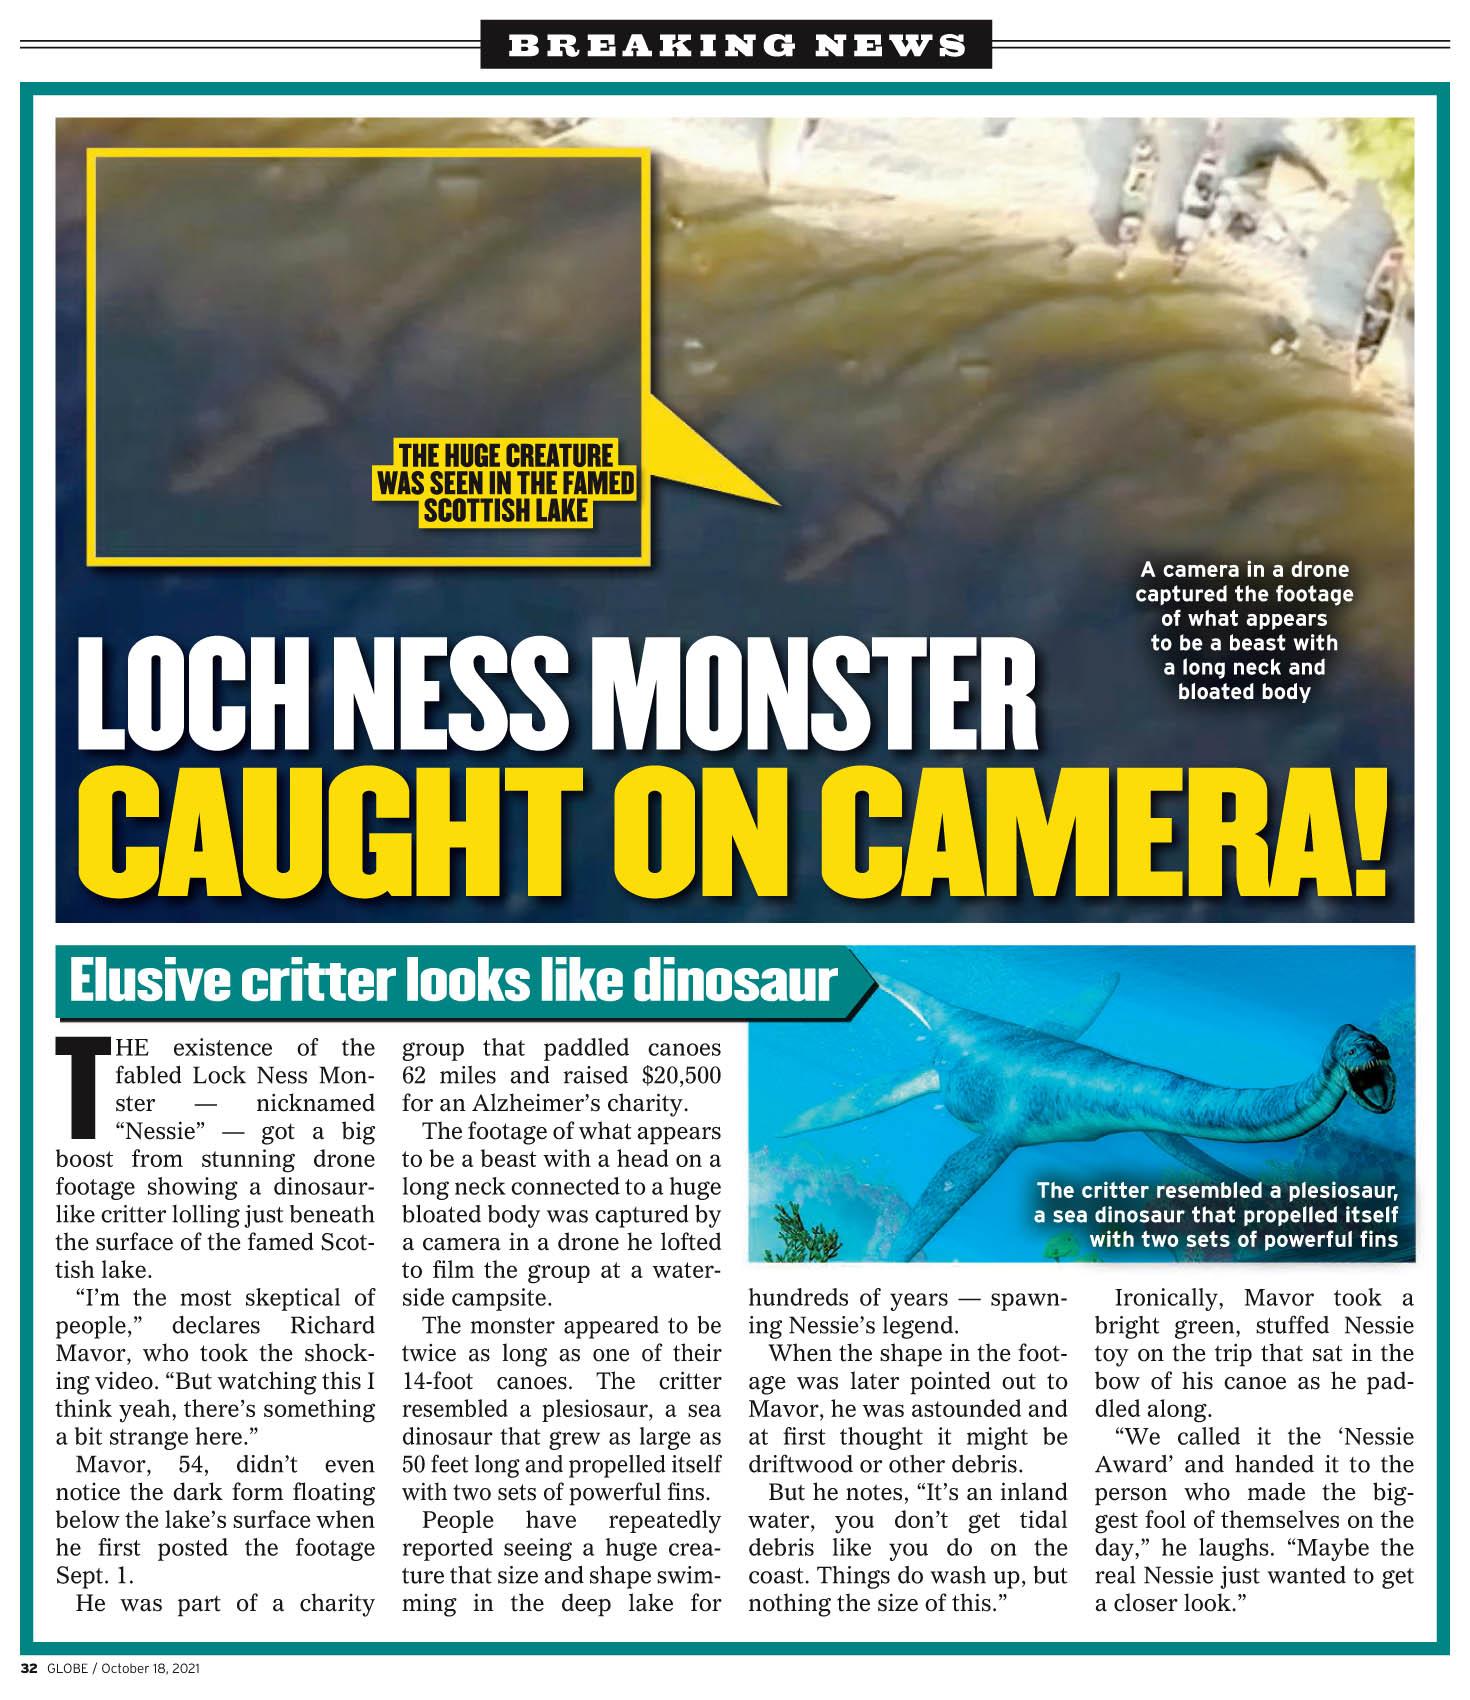 Globe 211018 Loch Ness.jpg